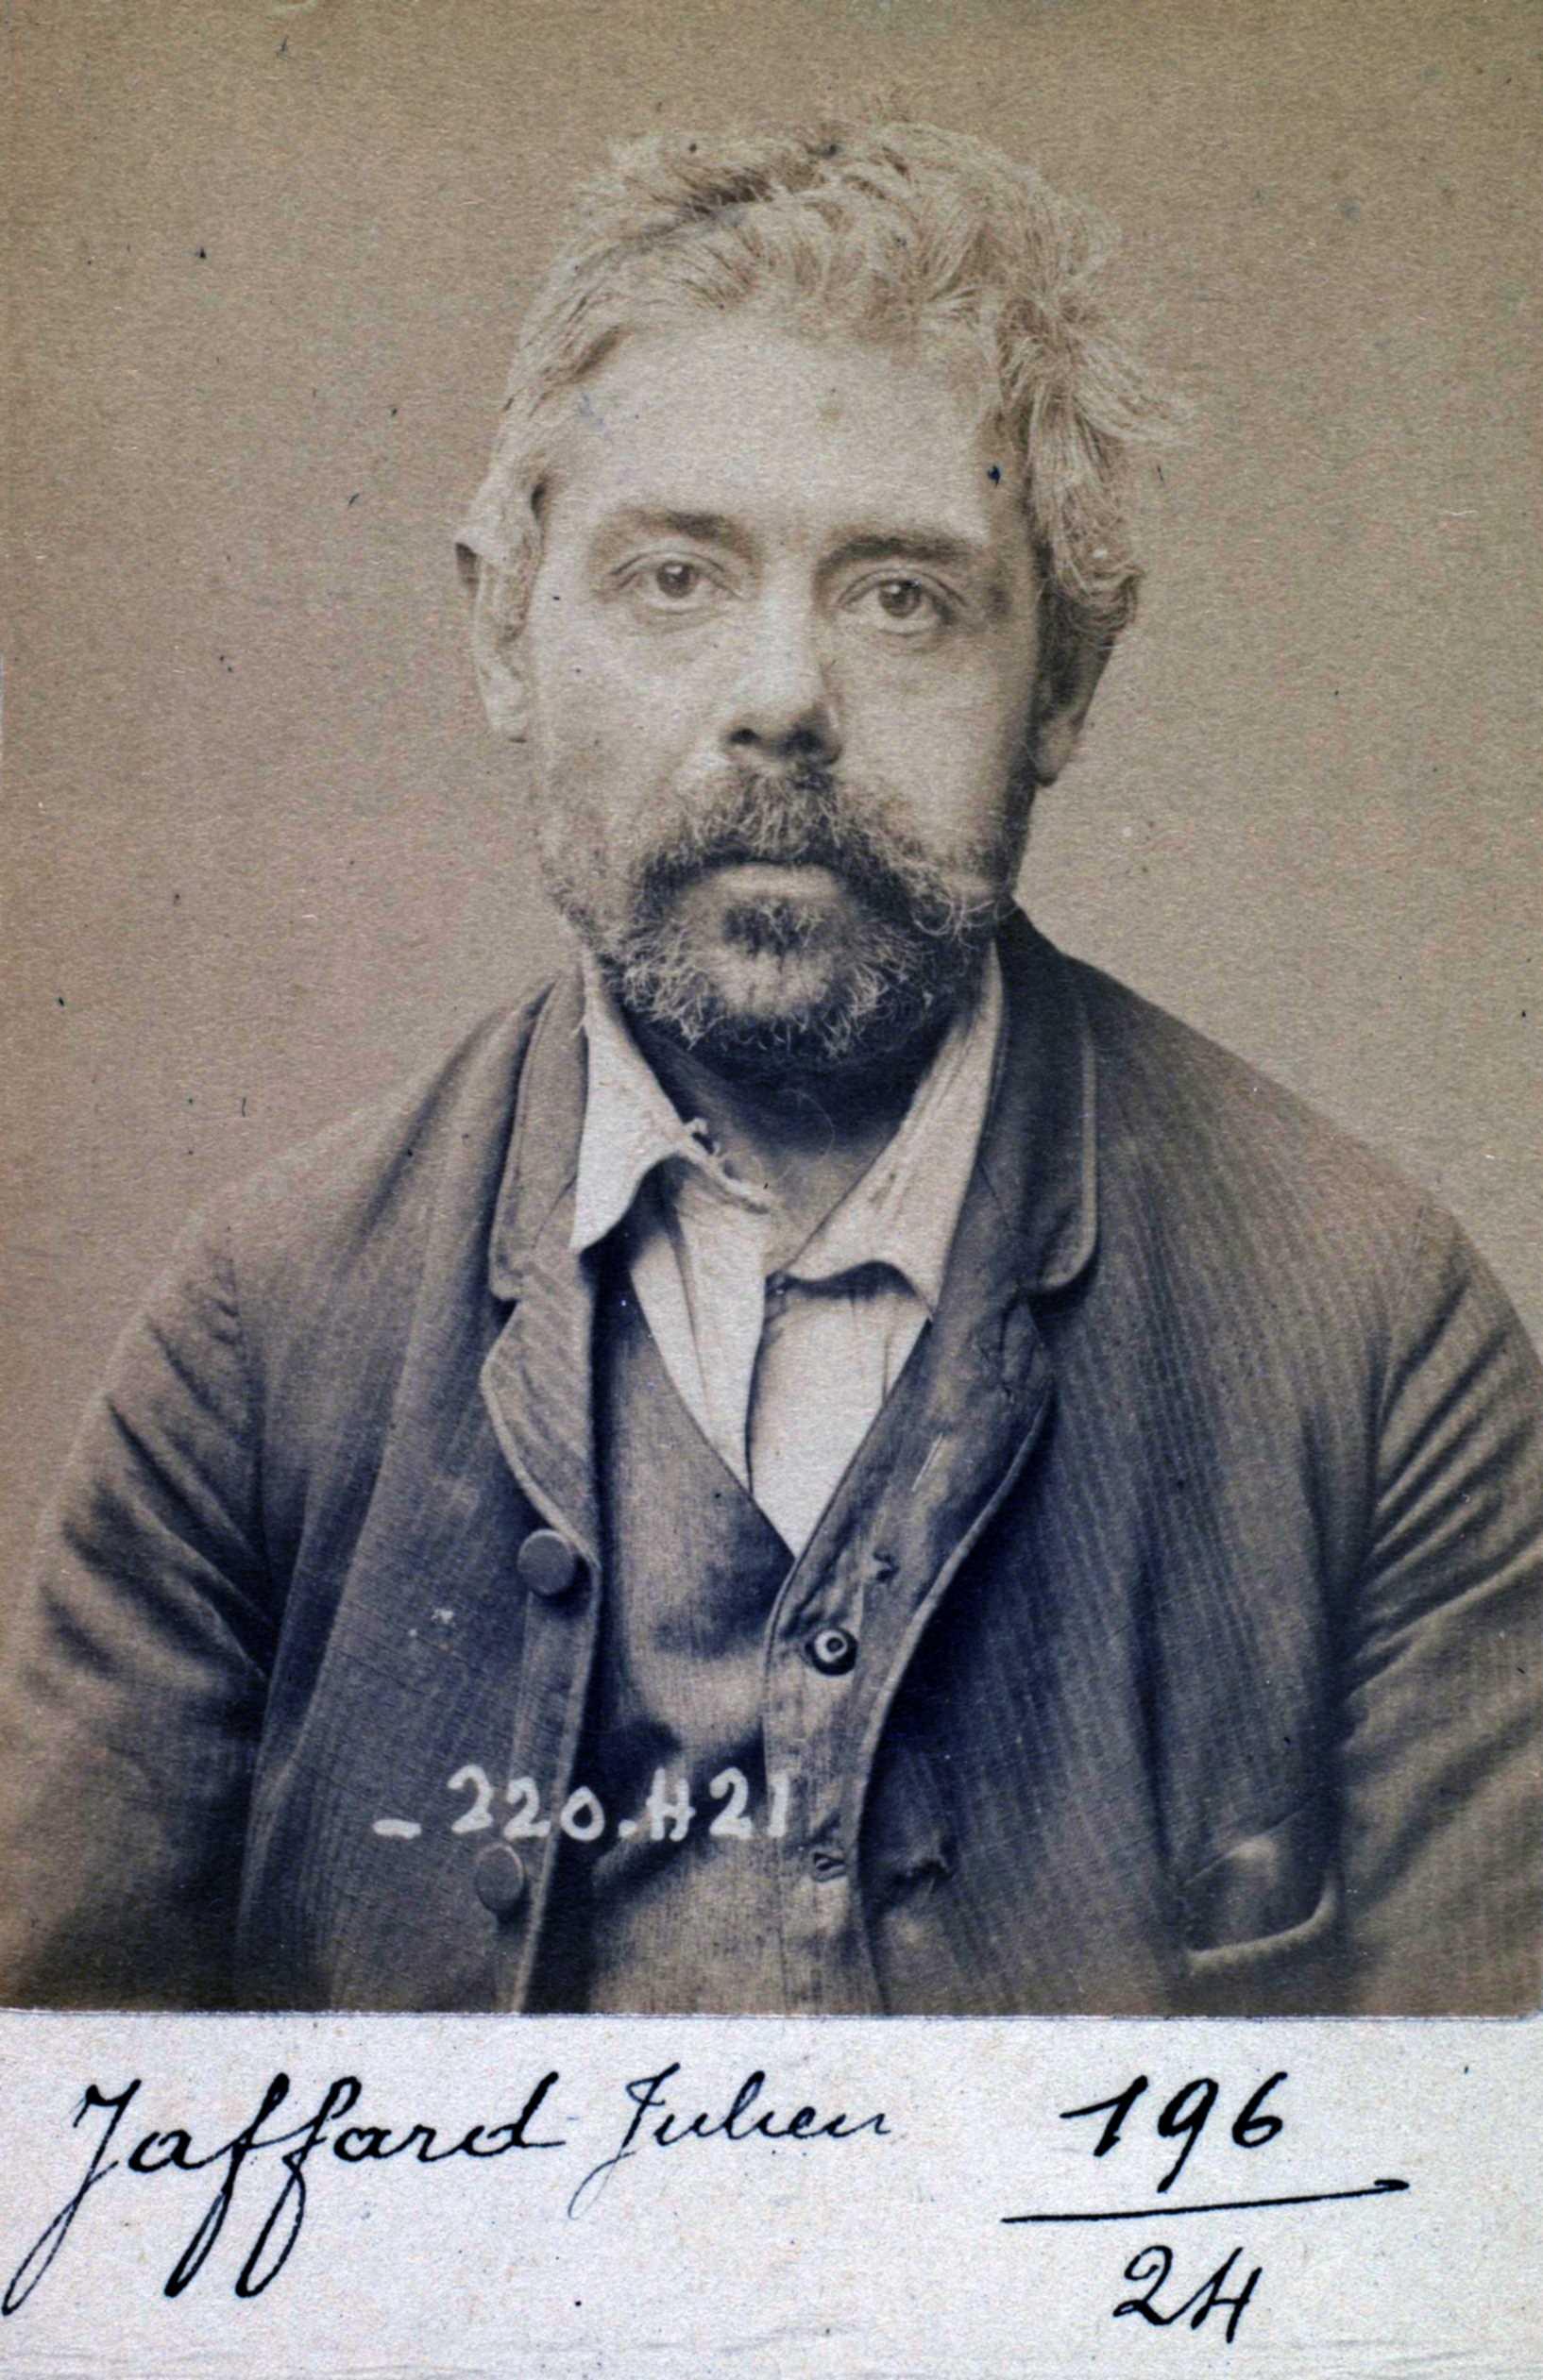 Foto policíaca de Julien Jaffard (2 de juliol de 1894)